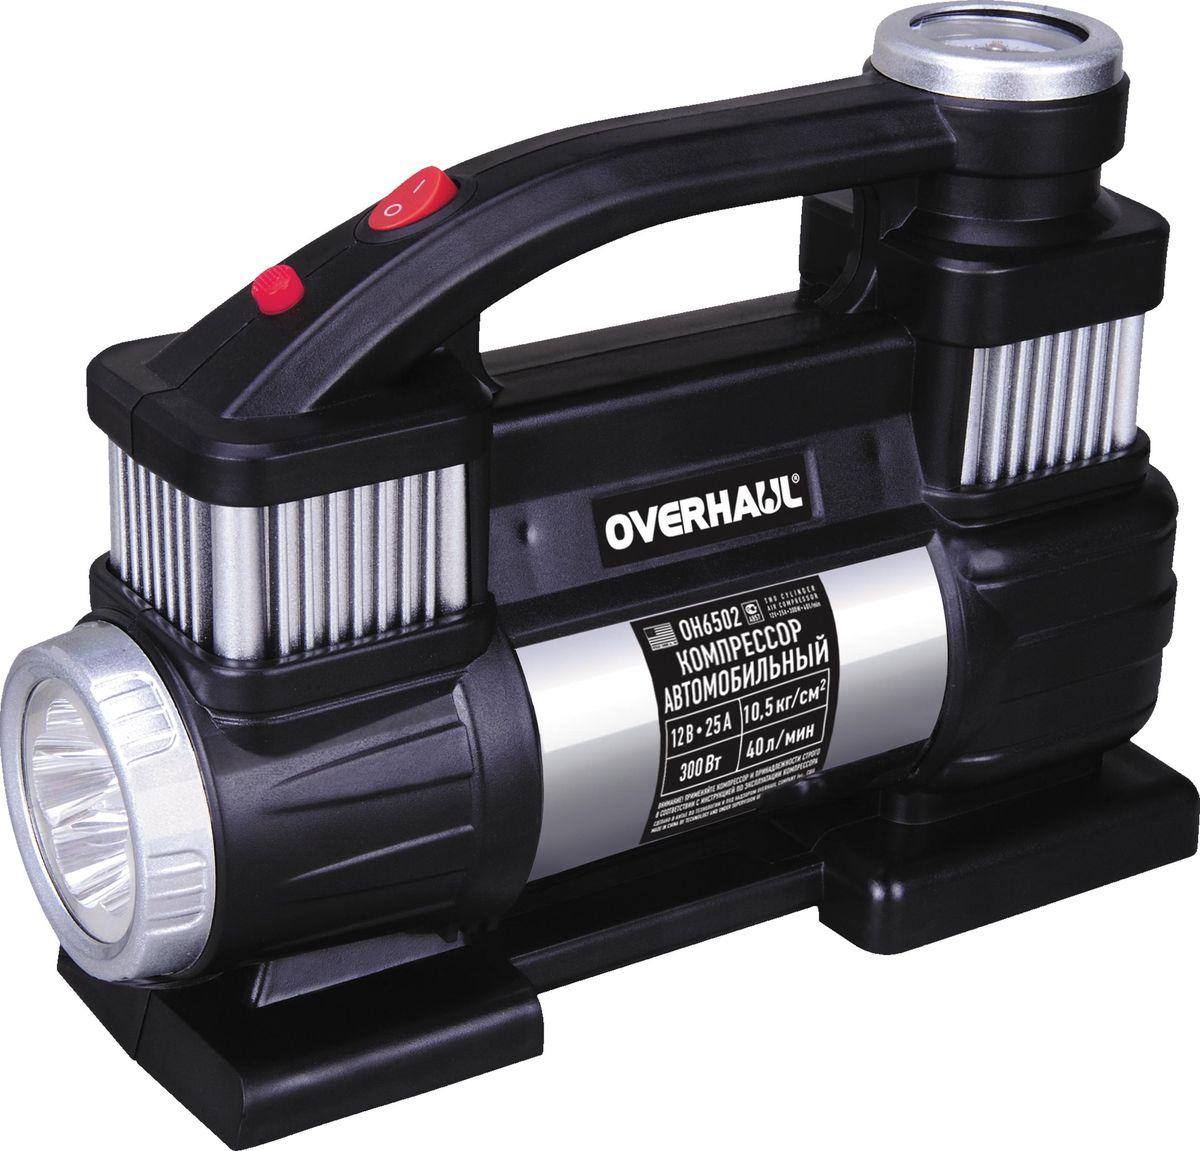 """Компрессор автомобильный """"Overhaul"""", двухцилиндровый, 12В, 25А, 300Вт, 40 л/мин, 10,5 кгс/см2 . OH 6502"""